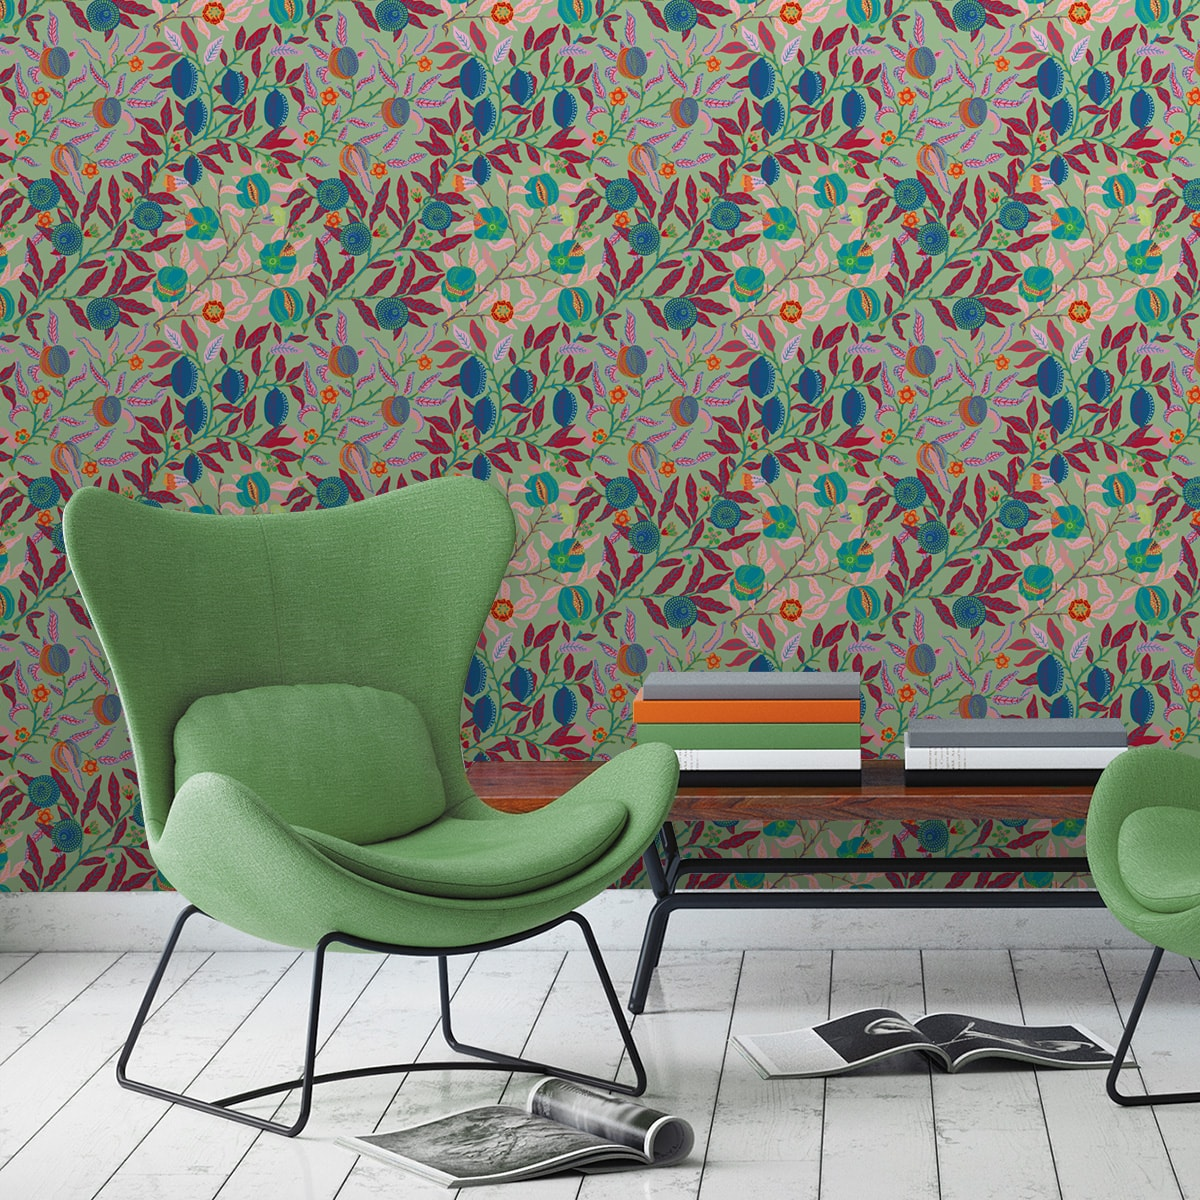 Aus dem GMM-BERLIN.com Sortiment: Schöne Tapeten in der Farbe: grün. Schöne Wandgestaltung: Designer Jugendstil Tapete Granatapfel Baum nach # für individuelles Interiordesign